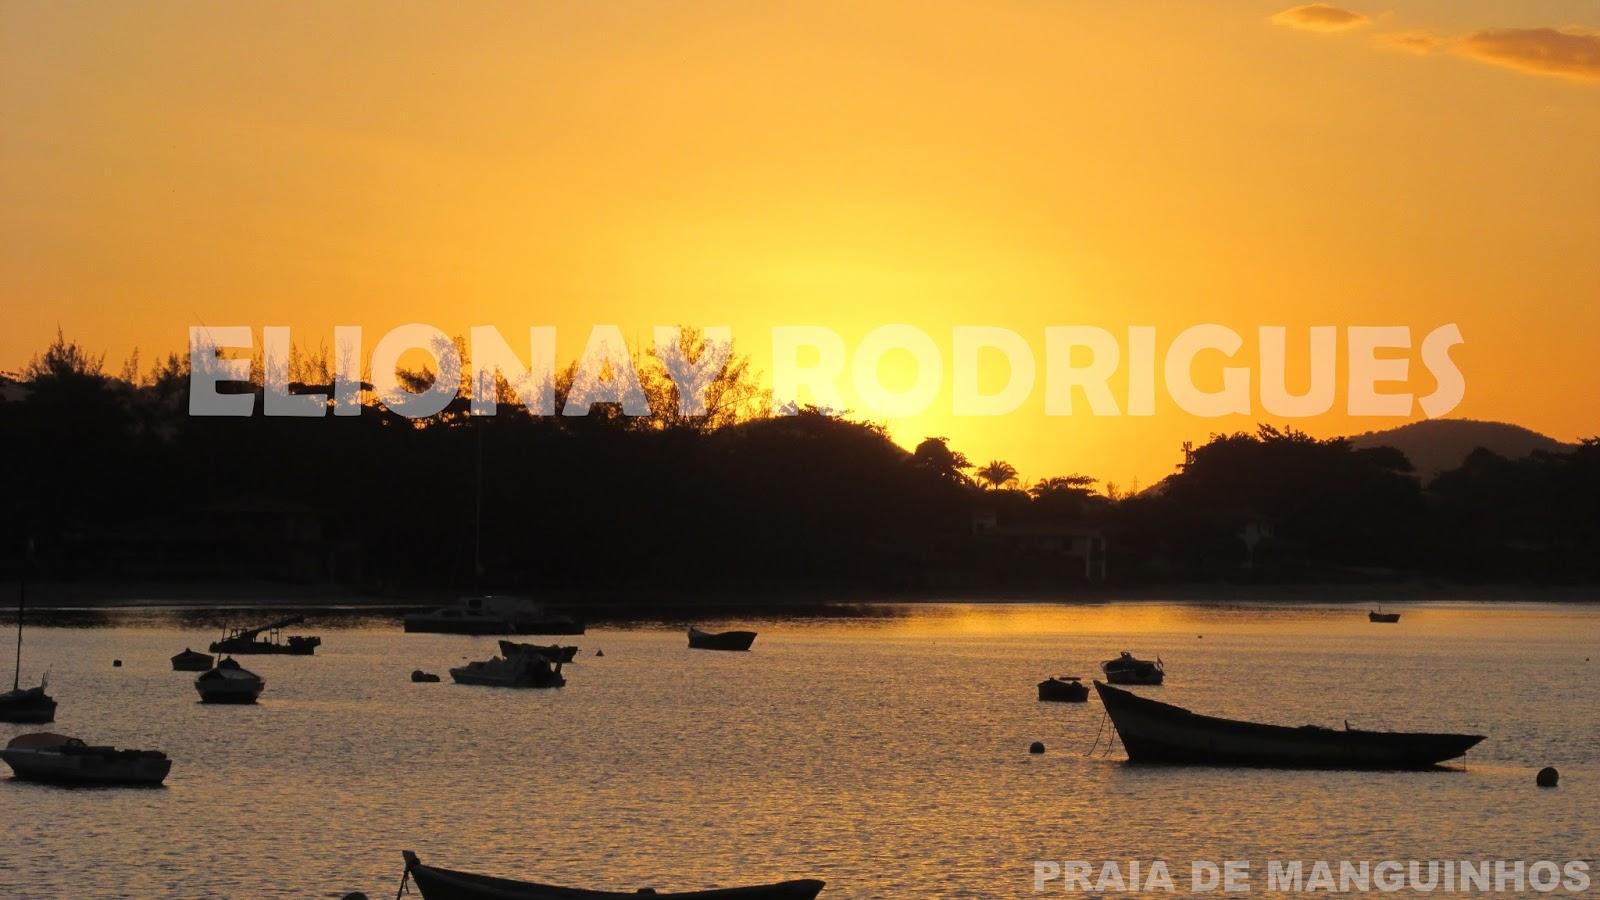 Praia de Manguinhos, Armação dos Búzios - RJ